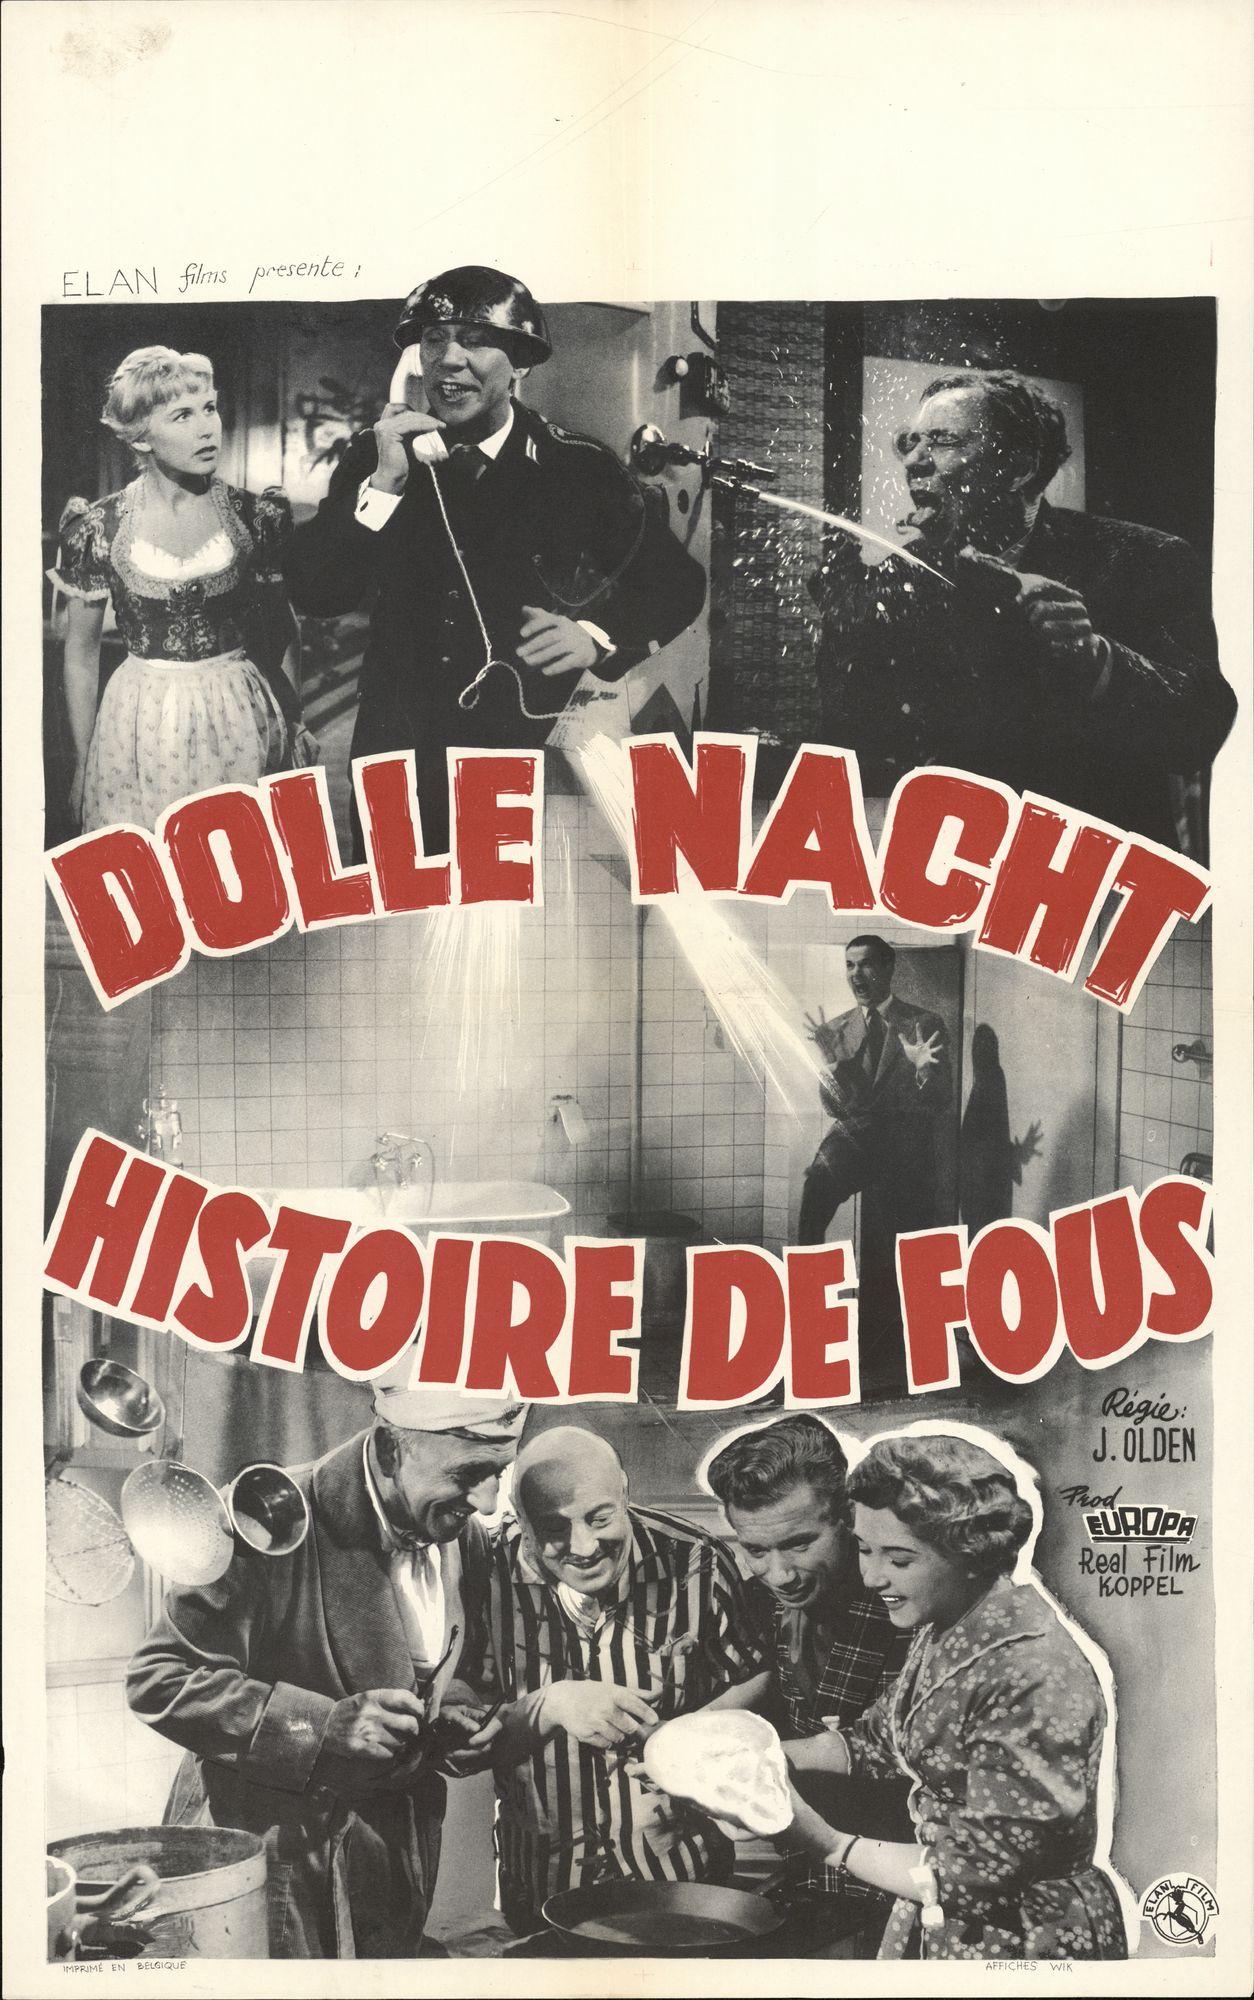 Dolle nacht   Histoire de Fous, 1958